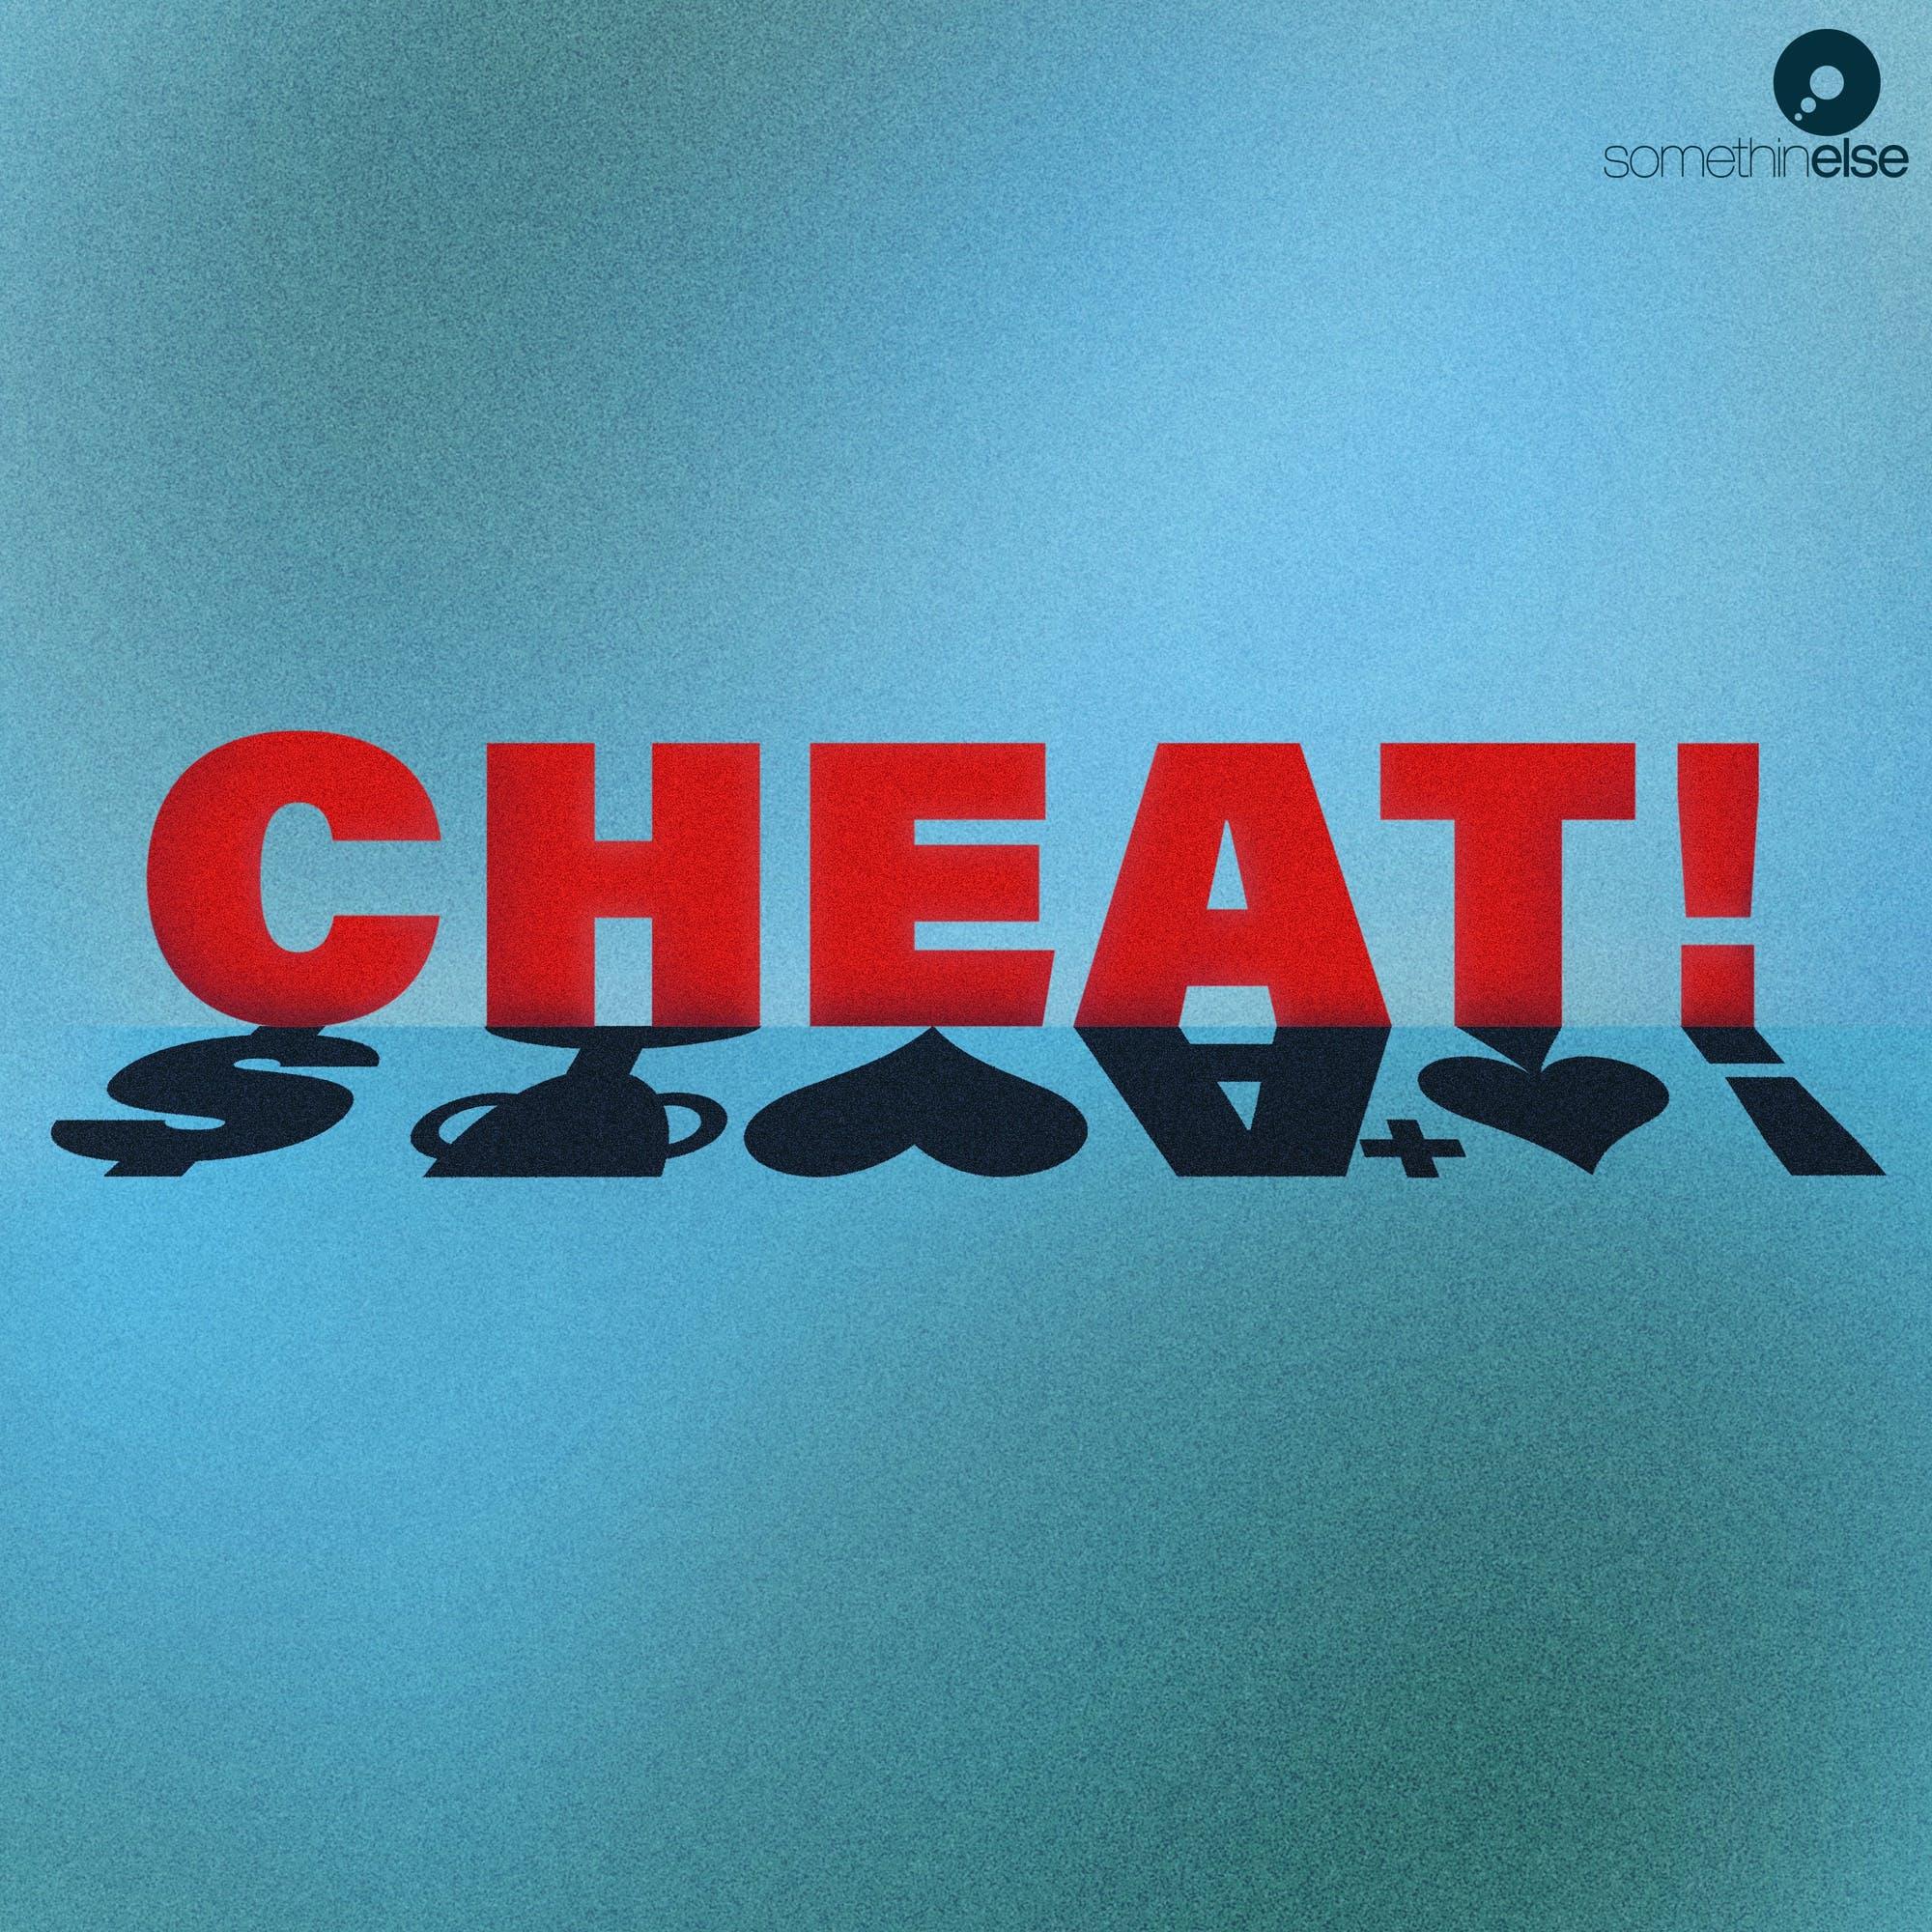 Cheat!